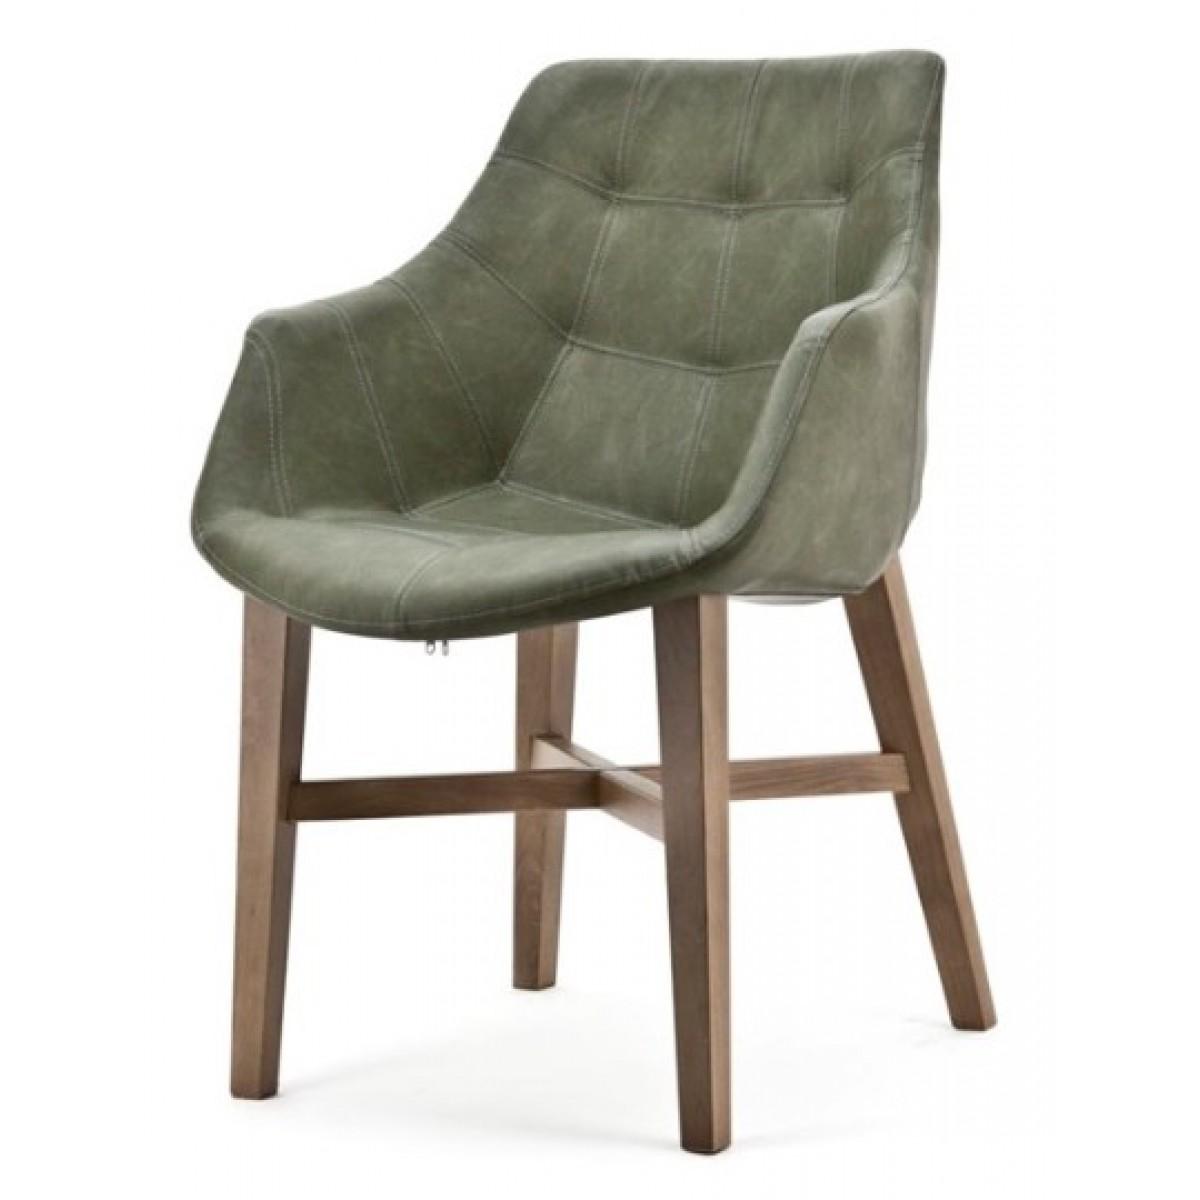 neba stuhl mit armlehne i live design preisg nstig online moebel kaufen. Black Bedroom Furniture Sets. Home Design Ideas